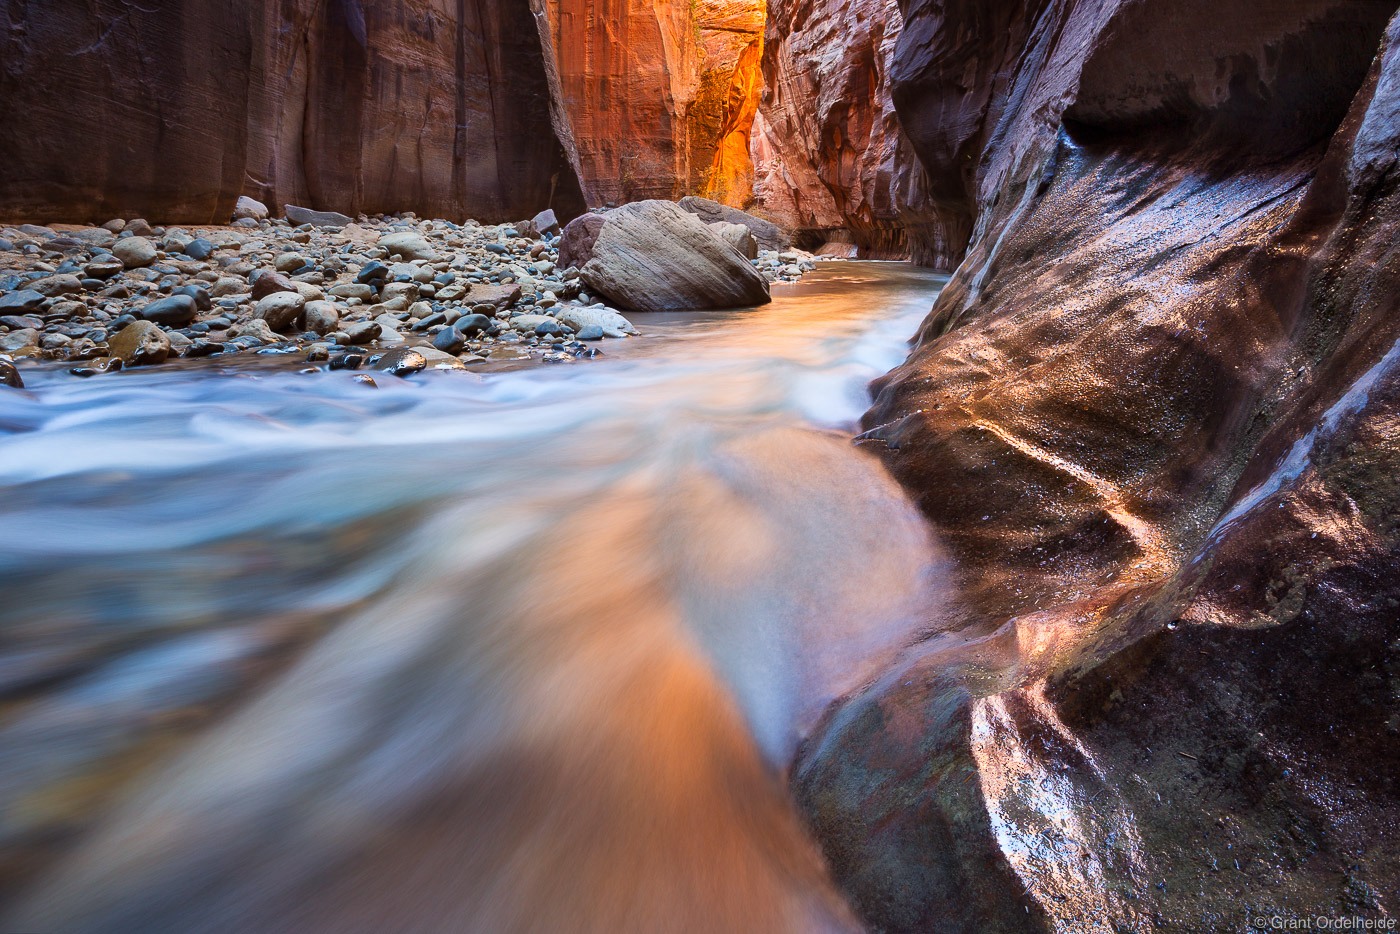 narrows, zion, national, park, usa, utah, virgin, river, deep, large, slot, canyons, photo